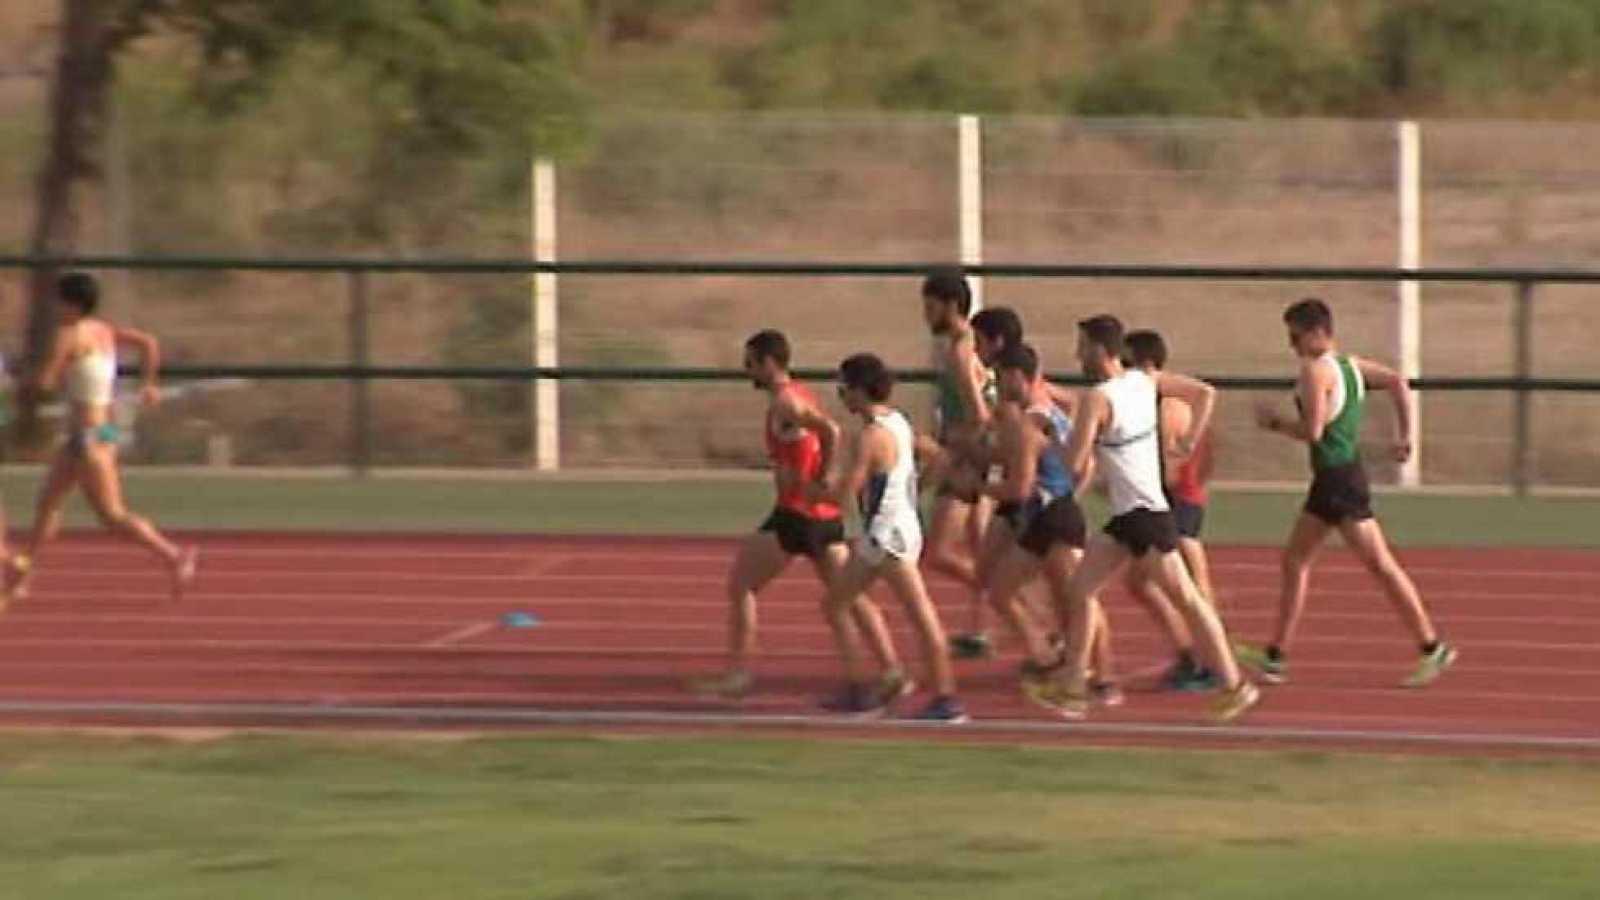 Atletismo - Campeonato de España de Clubes. División de Honor. Final - ver ahora